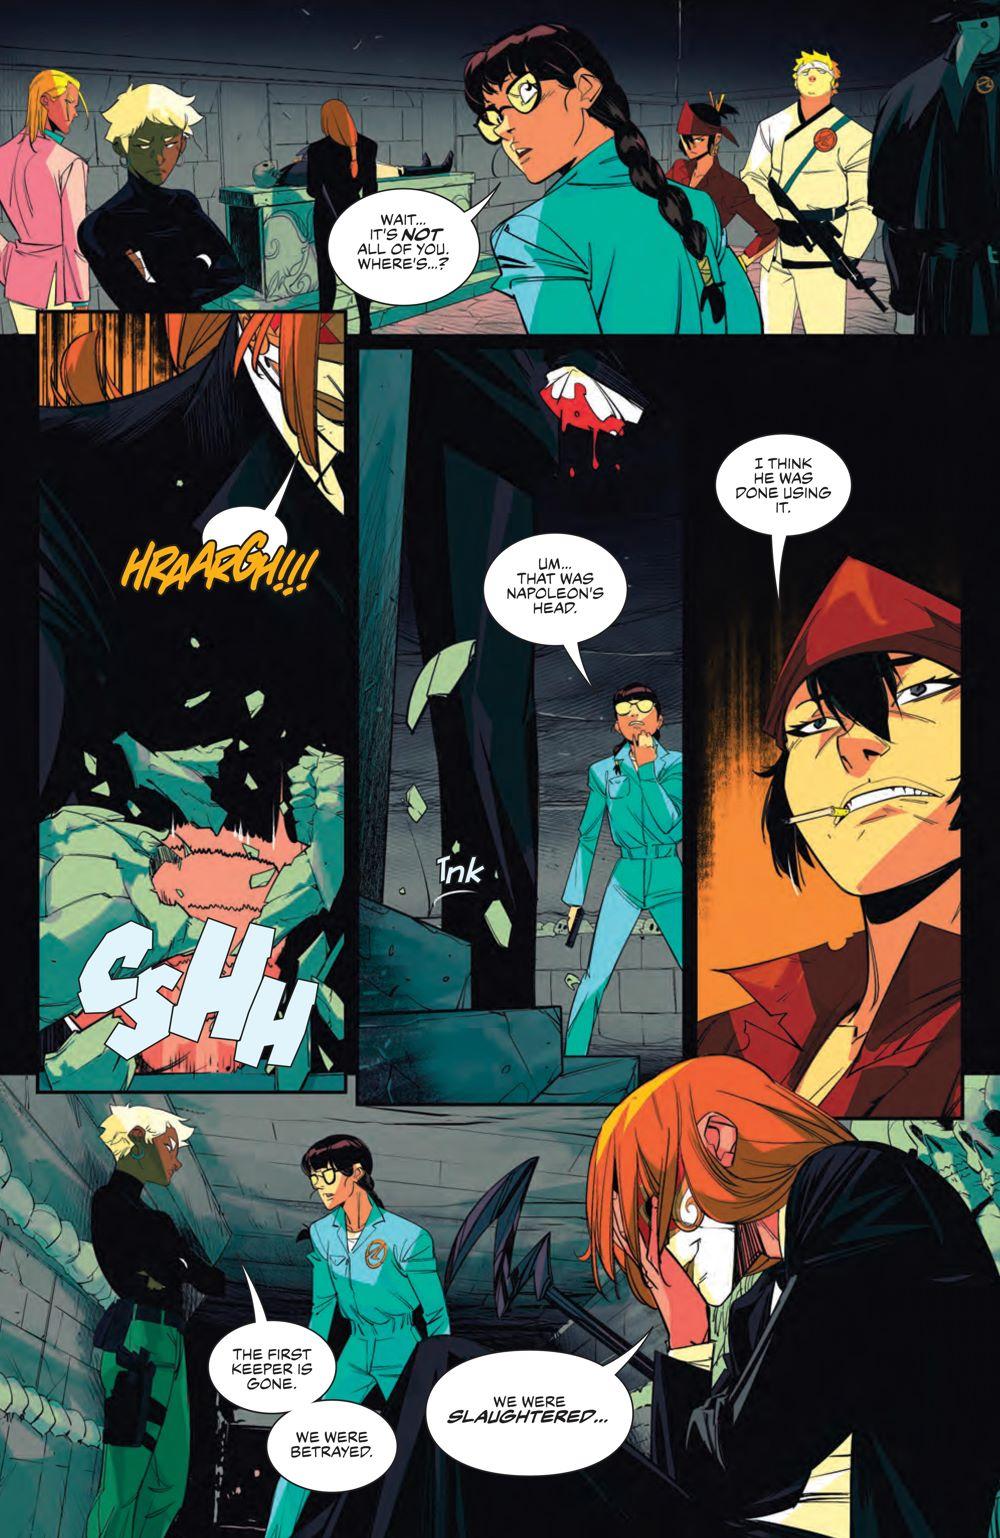 SevenSecrets_008_PRESS_8 ComicList Previews: SEVEN SECRETS #8